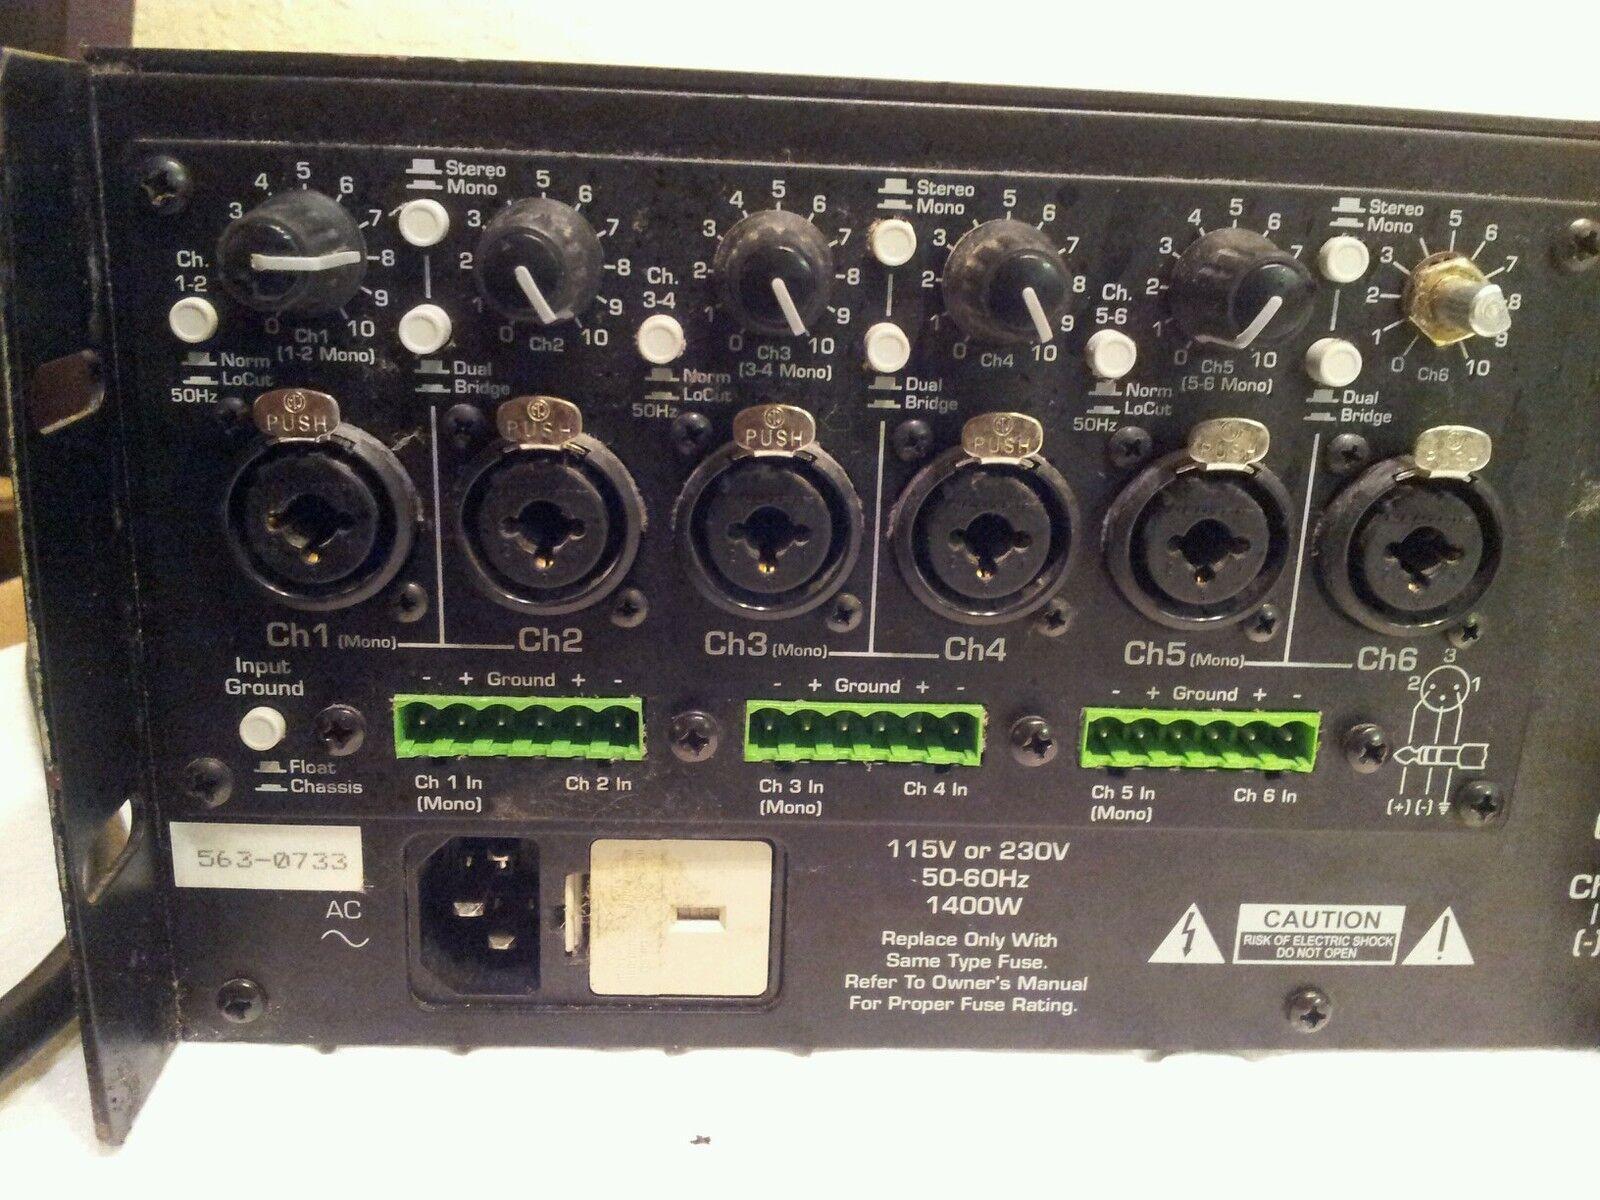 ASHLY Powerflex 6250 6250 6250 Six Channel Amplifier TESTED 32539e